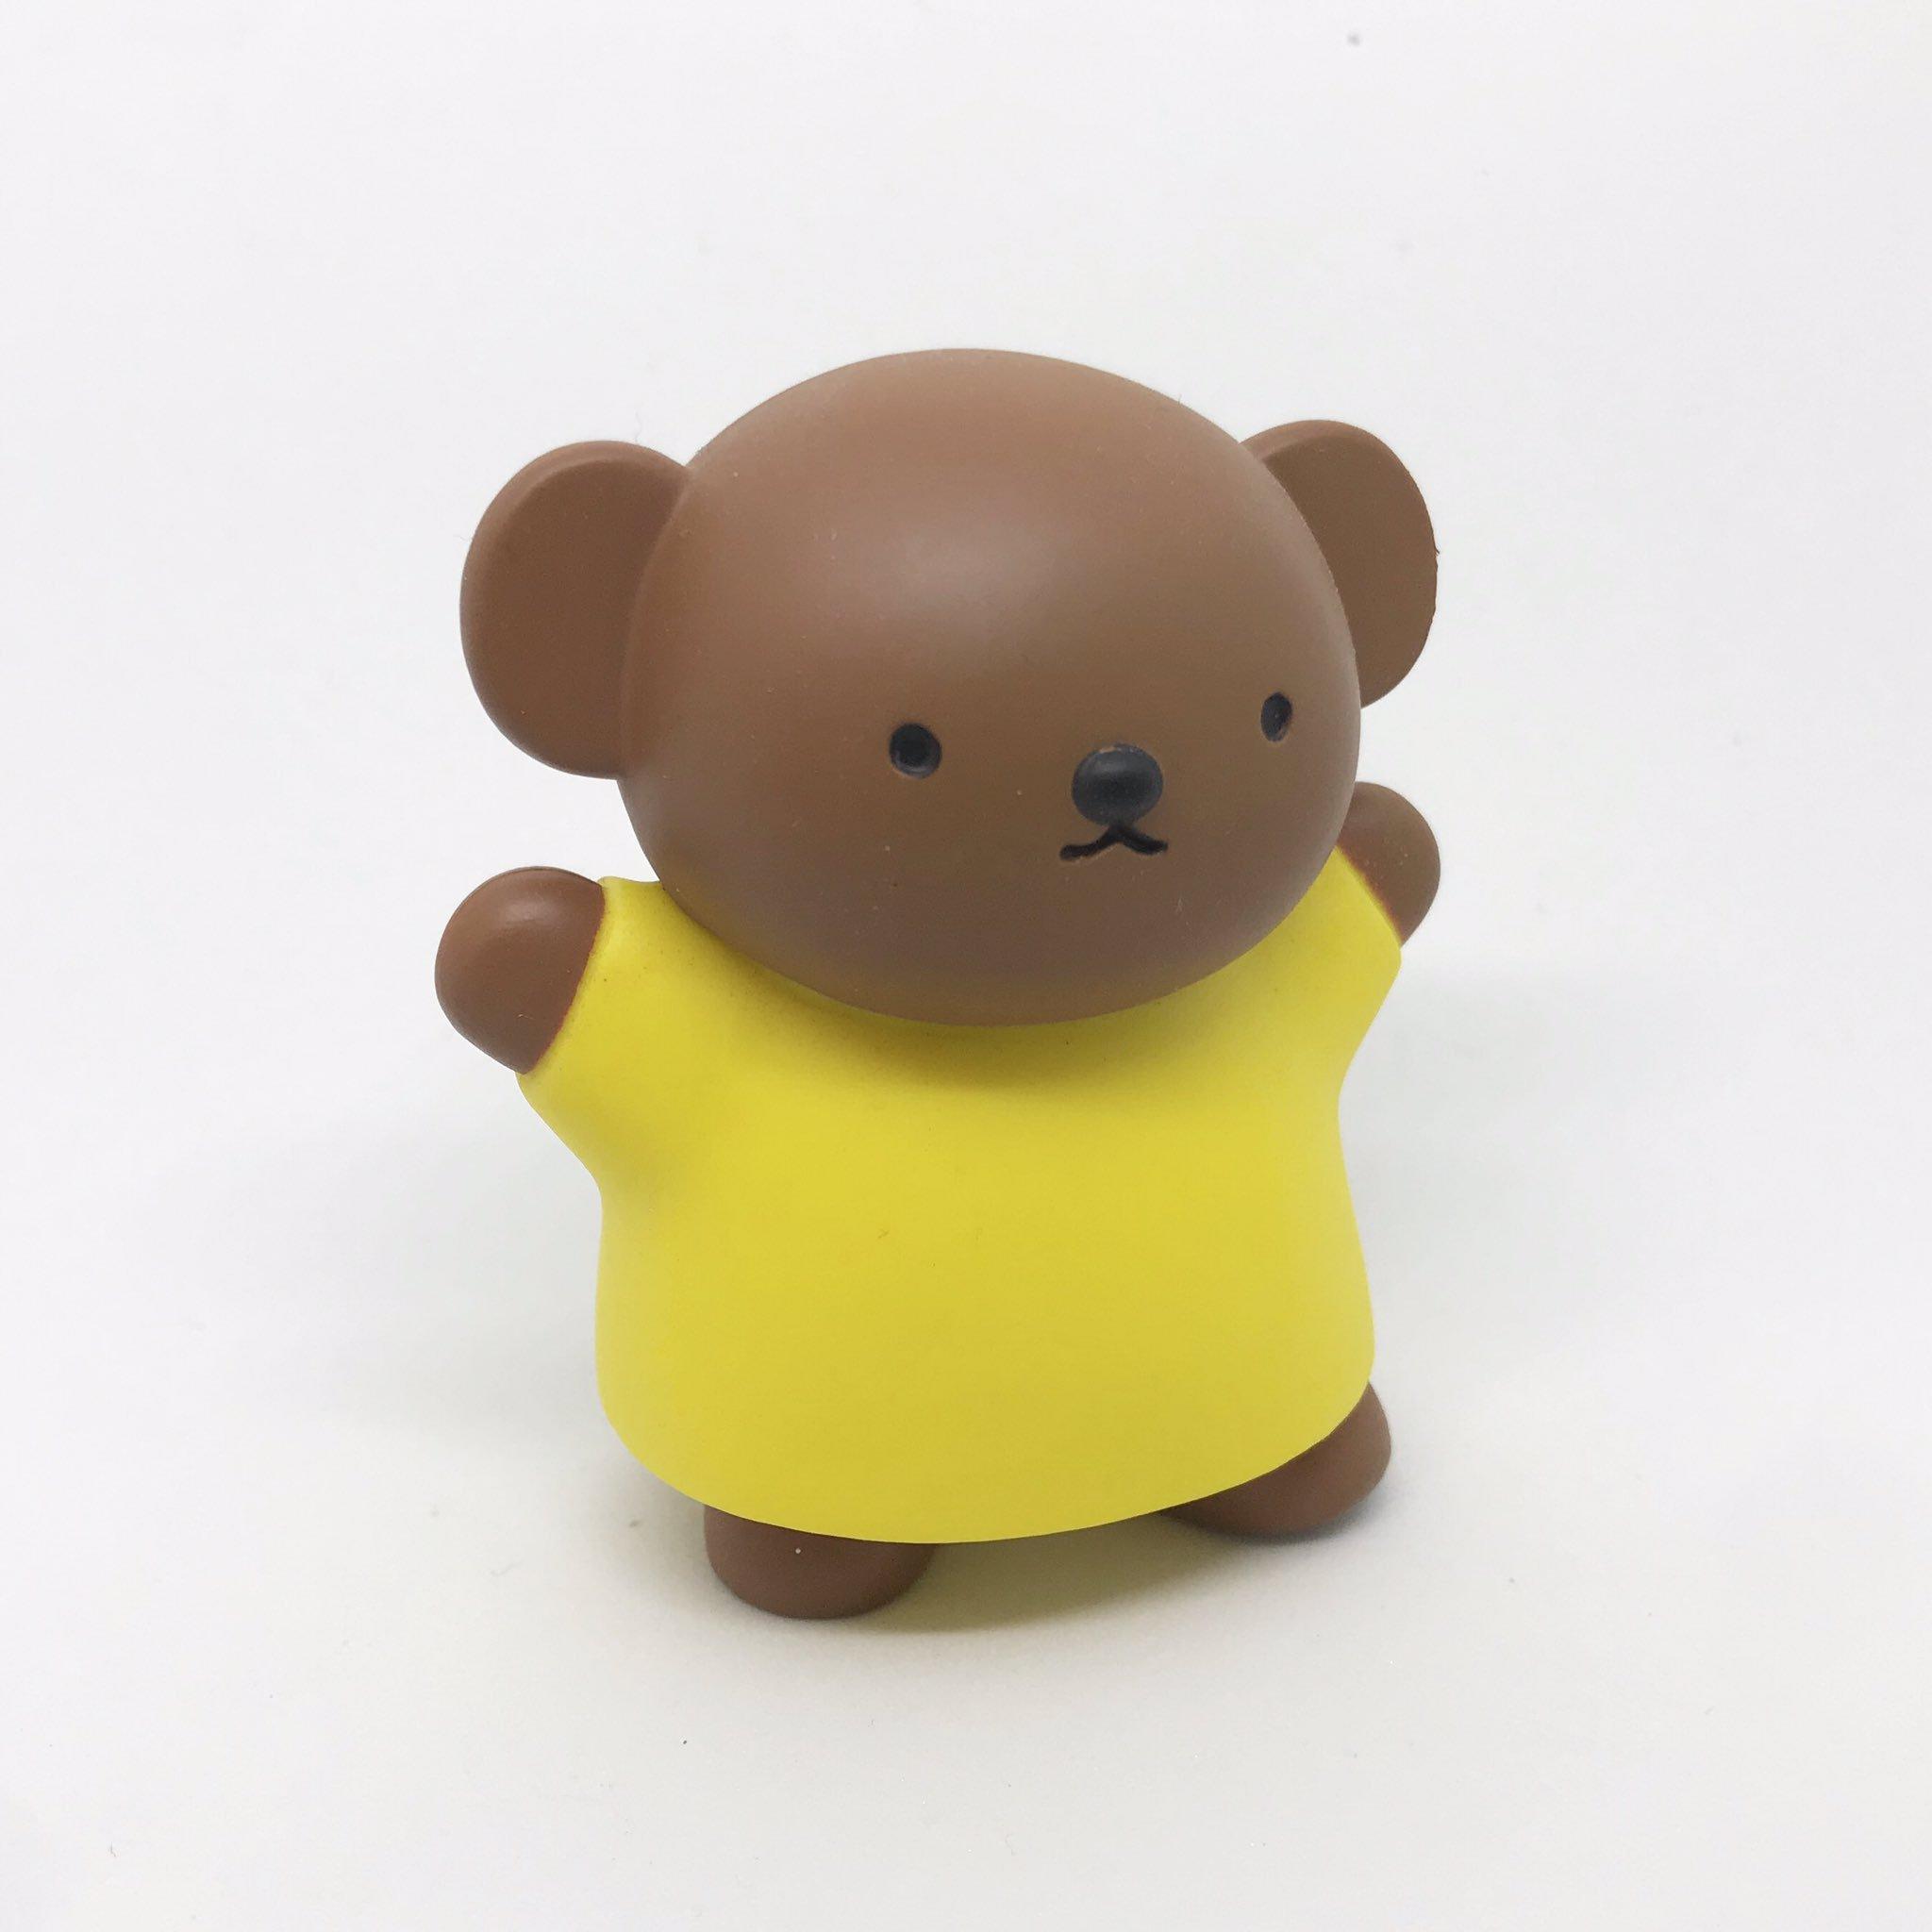 フライングタイガーから待望の商品が発売!!撮影セットが格安で手に入る!!